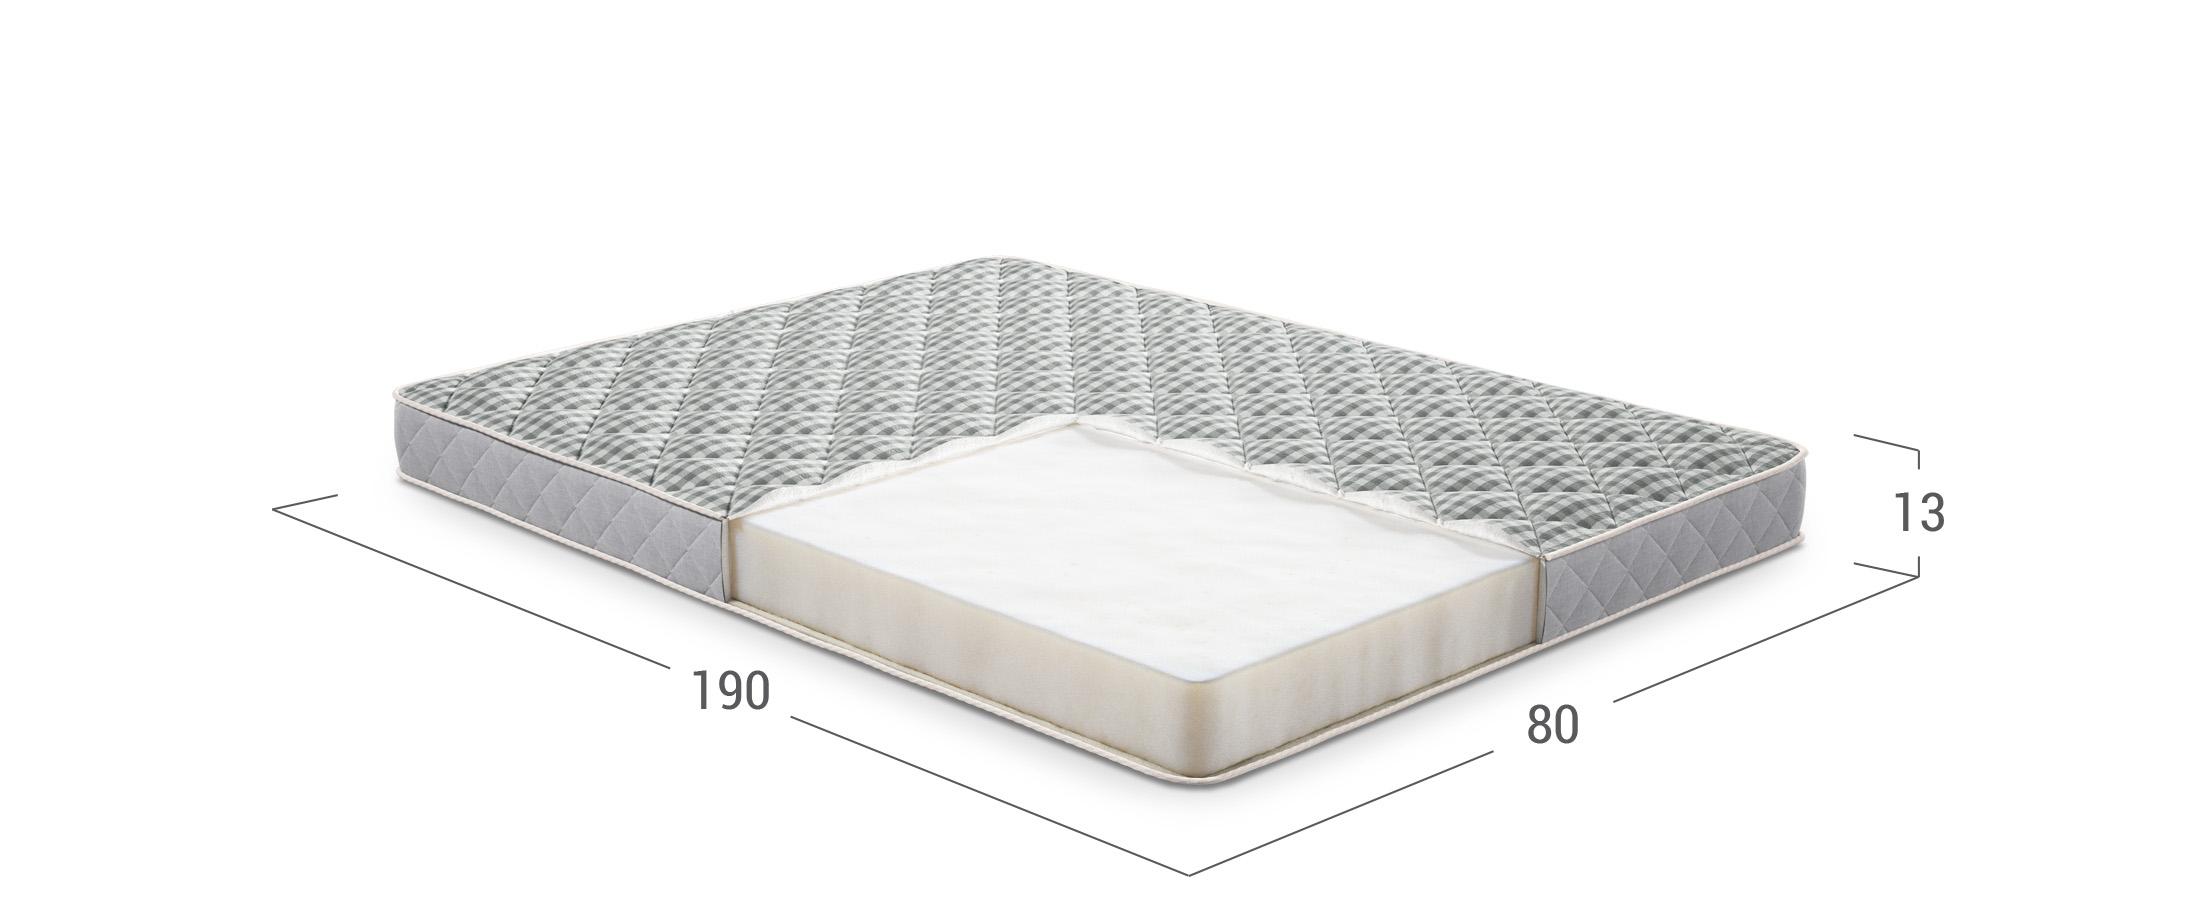 Optimum Flex 425 матрас 80x190